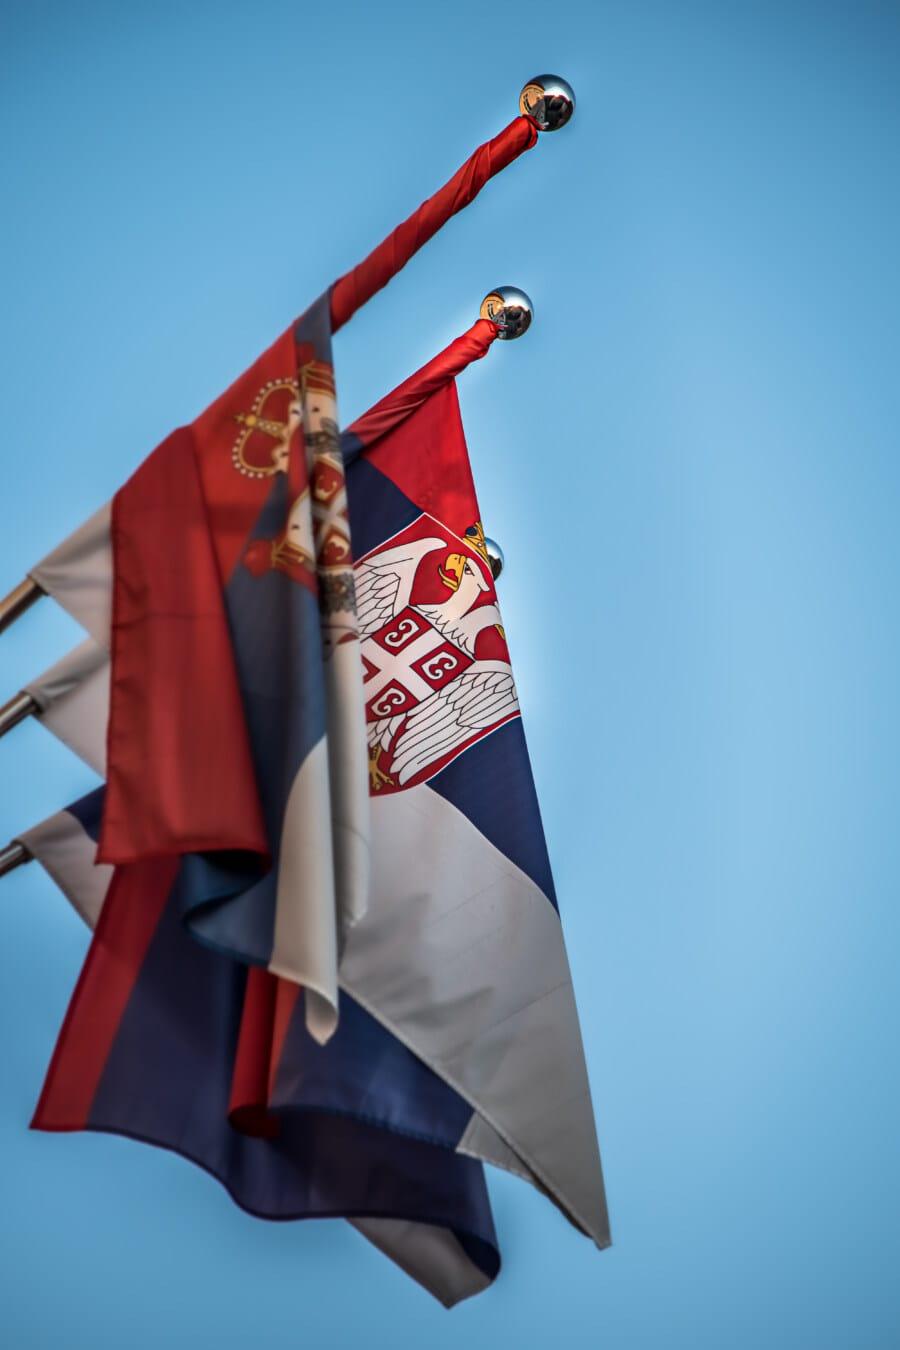 Serbie, République démocratique, démocratie, Aigle à tête blanche, symbole, emblème, patrimoine, héraldique, drapeau, vent